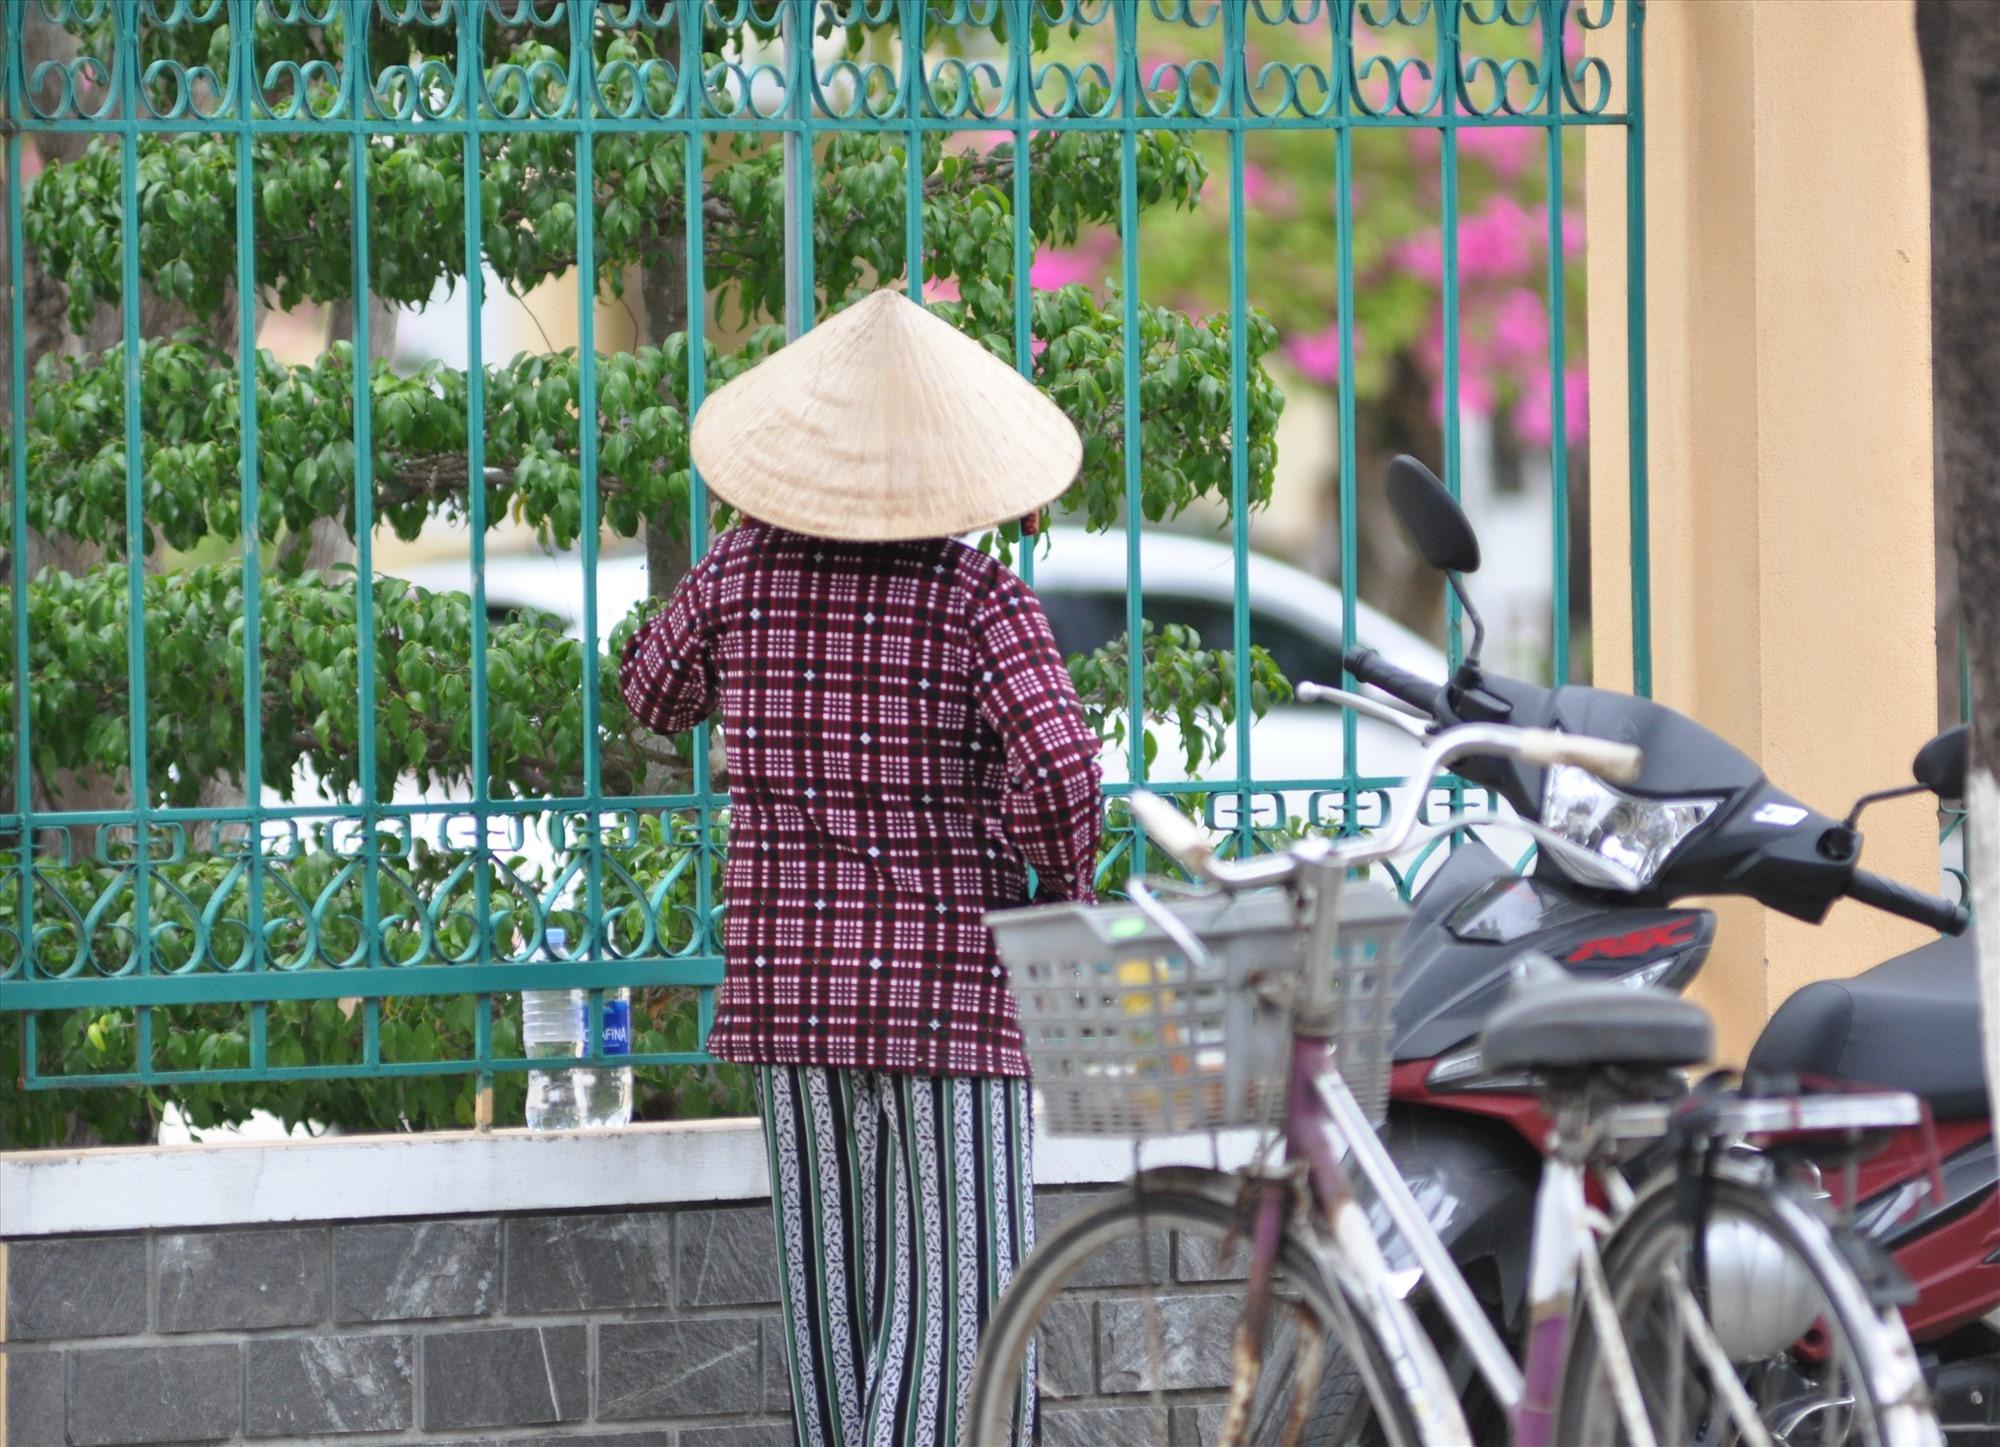 Con thi âu lo một, mẹ âu lo mười. Mẹ đi xe đạp đến đứng ngoài hàng rào ngóng con đang thi tại điểm thi Trường THPT Phan Bội Châu (Tam Kỳ). Ảnh: X.P